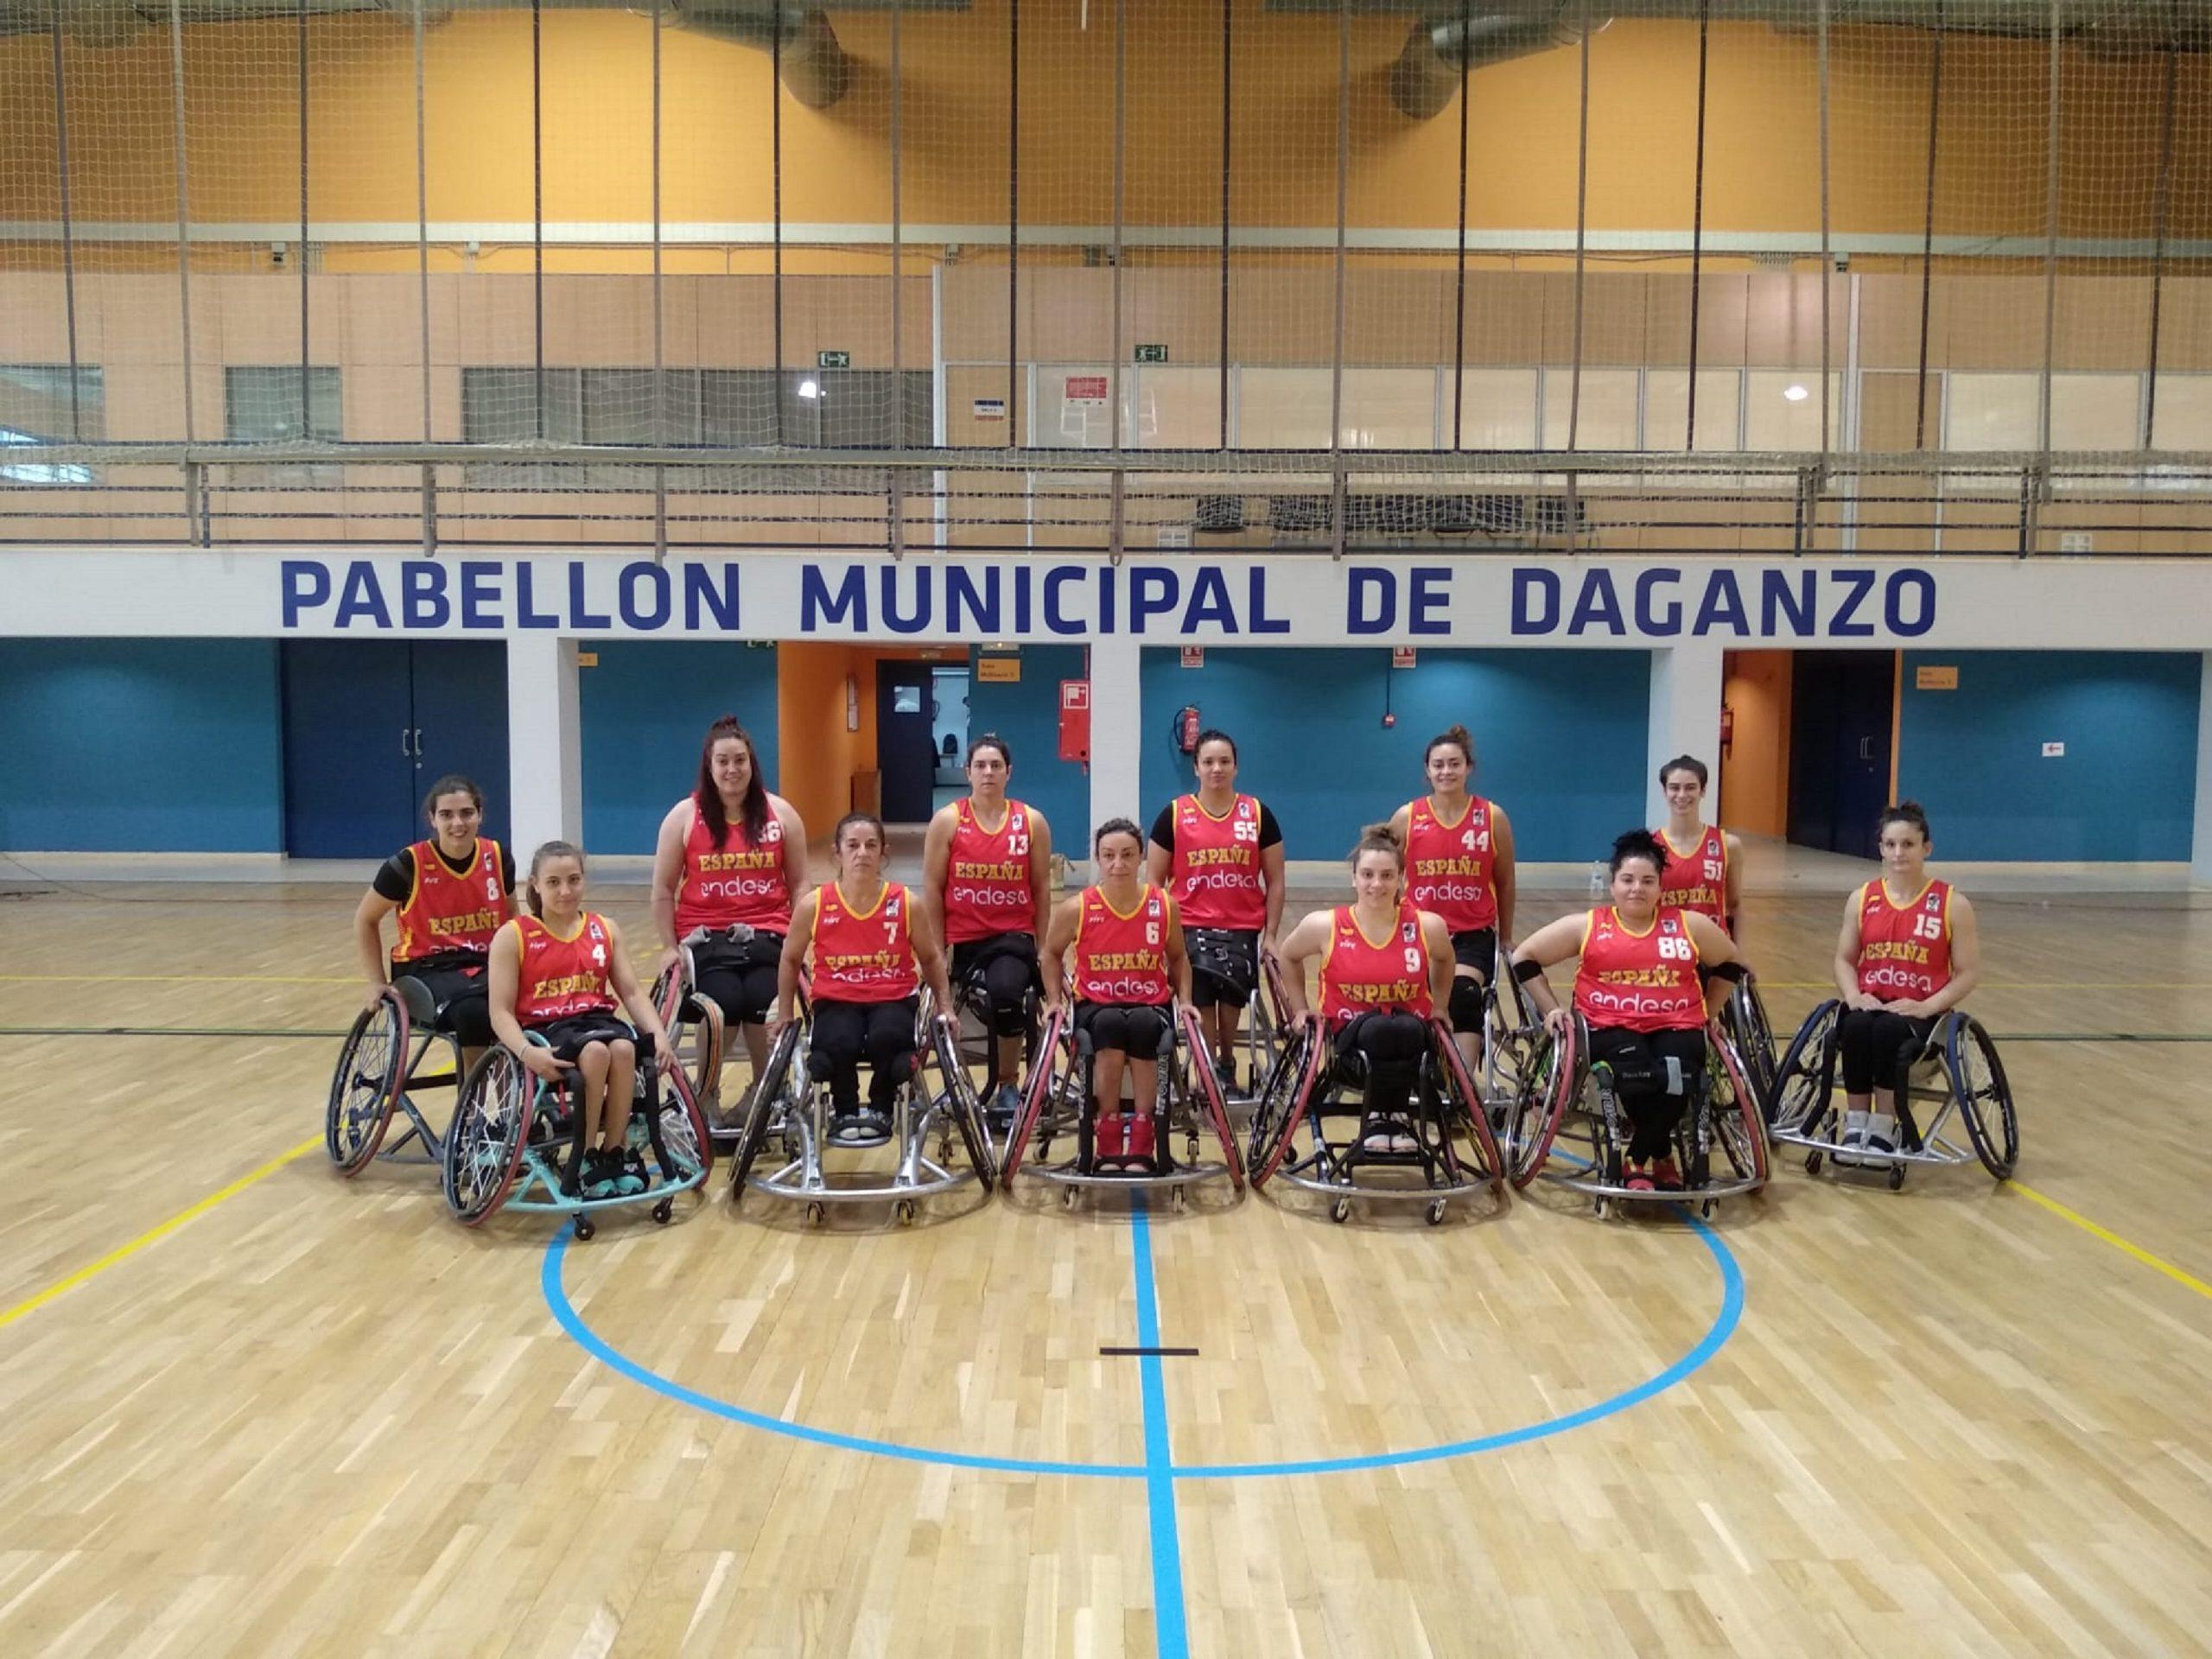 Selección española femenina de baloncesto en silla de ruedas. Fuente: CPE